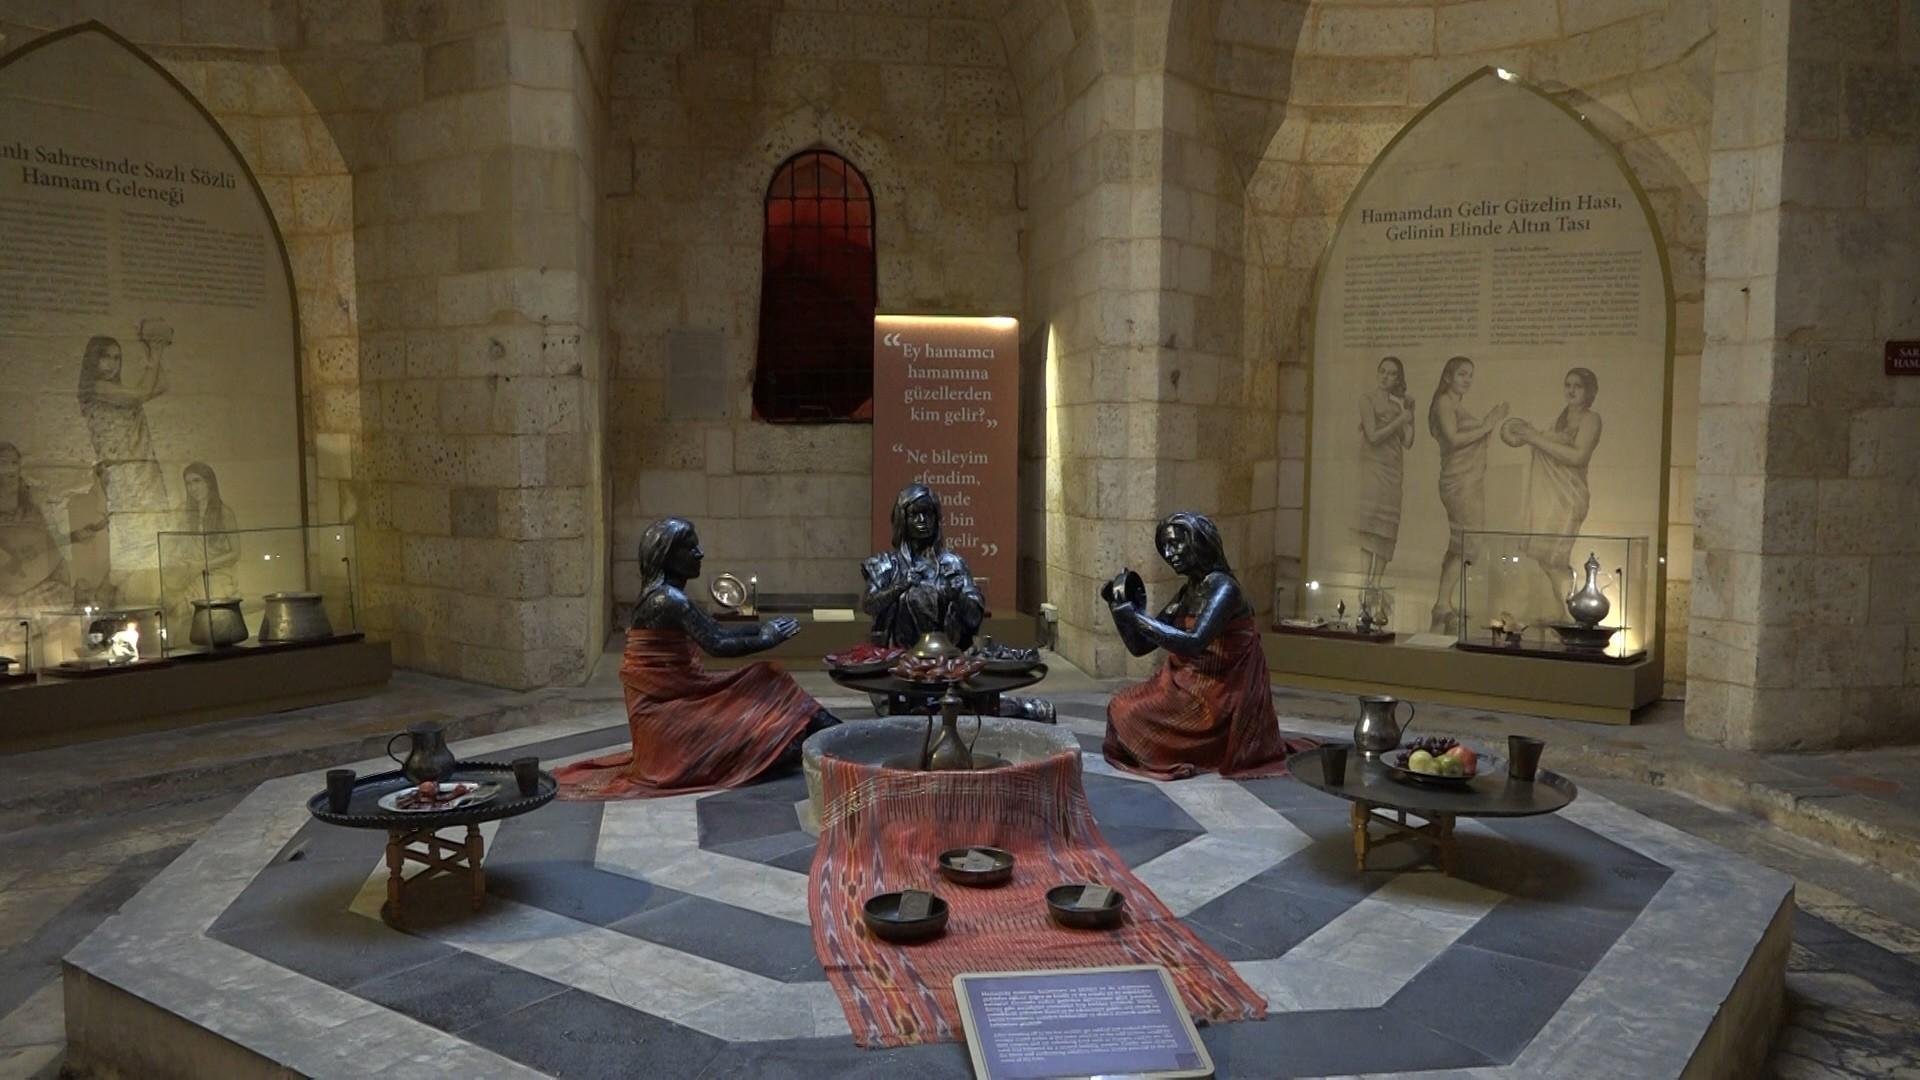 Türkülere konu olan Antep'in Hamamları bu müzede yaşatılıyor